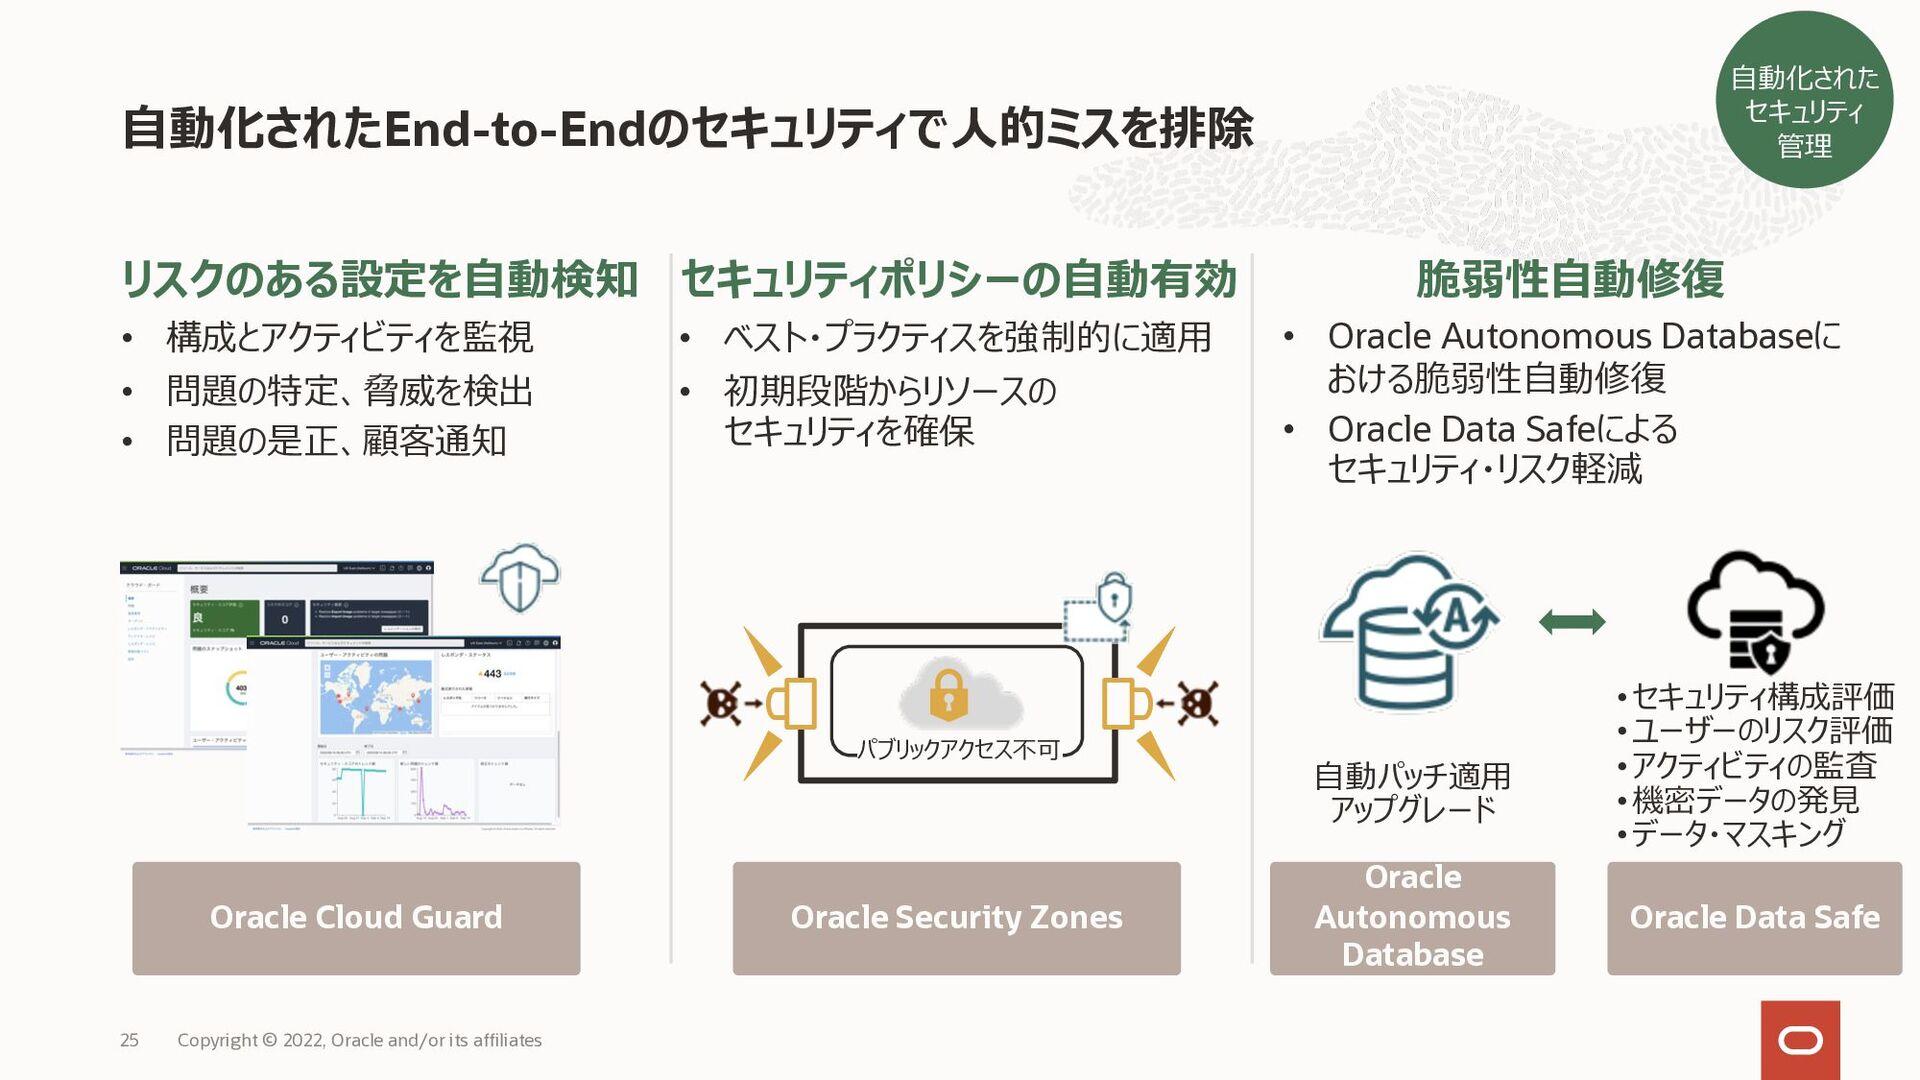 多層防御によるデータ中⼼のセキュリティ 外部からの攻撃 » ボットによる攻撃 » 標的型攻撃 ...